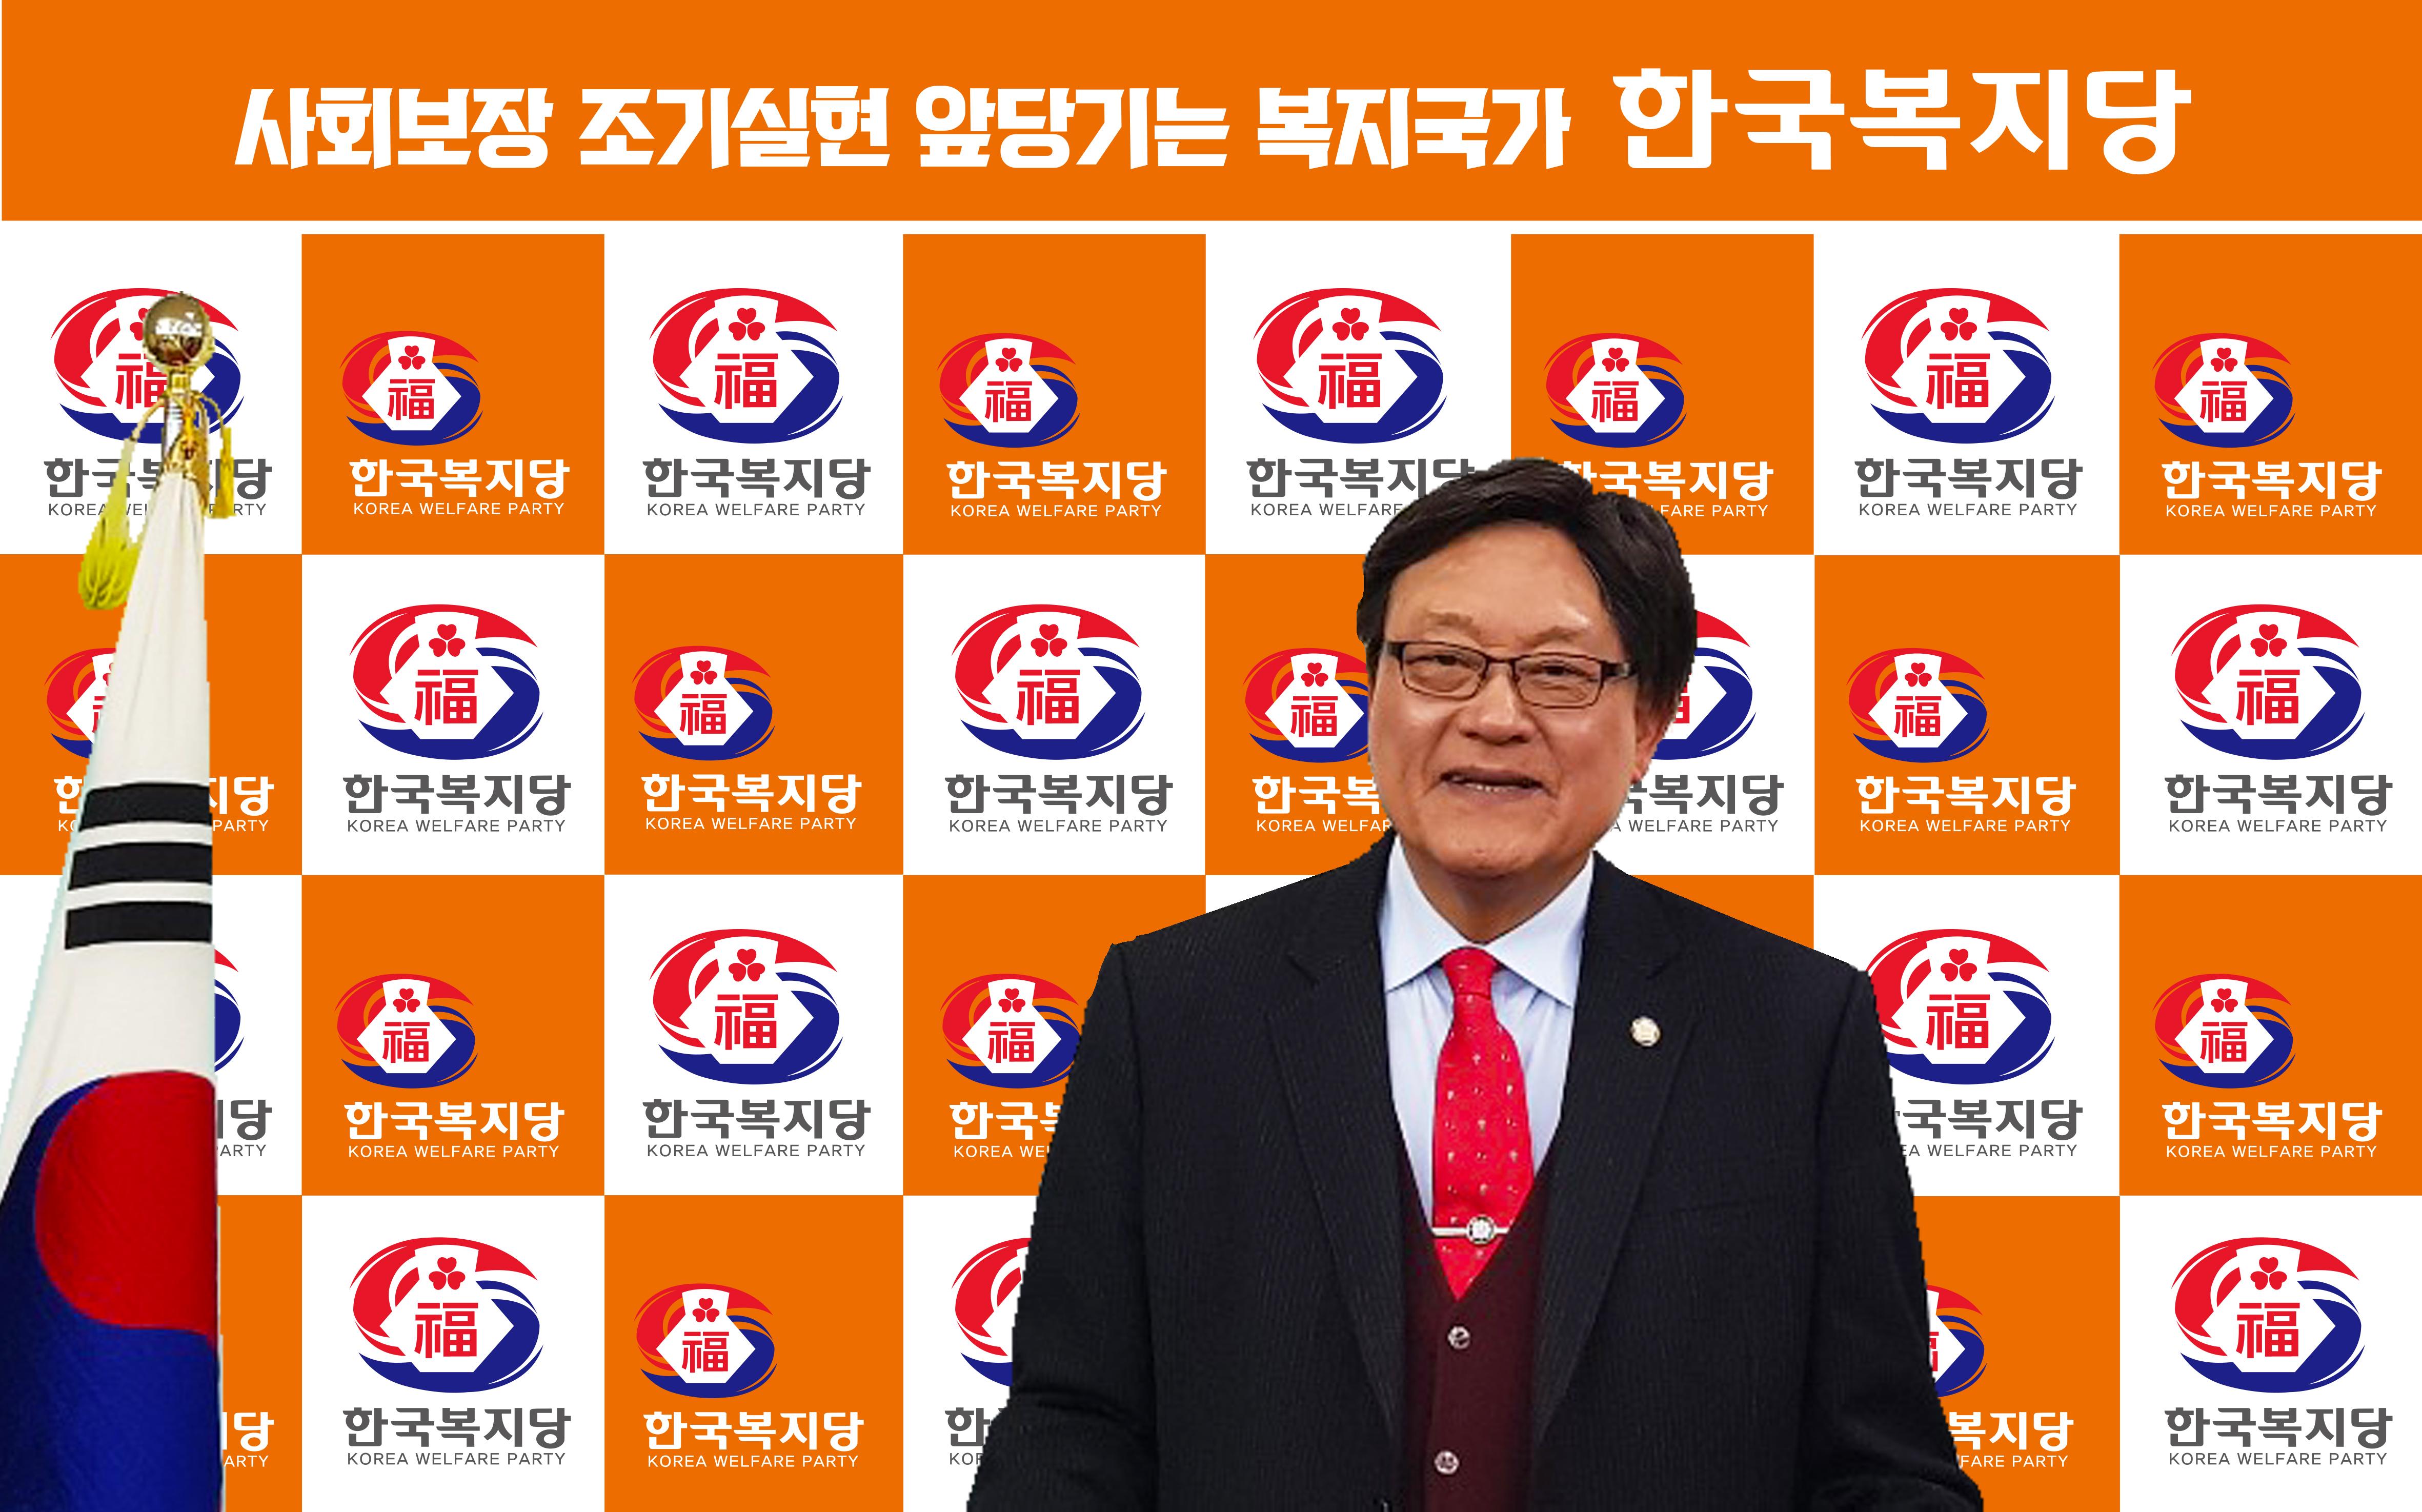 김호일+로고배경 사진.jpg